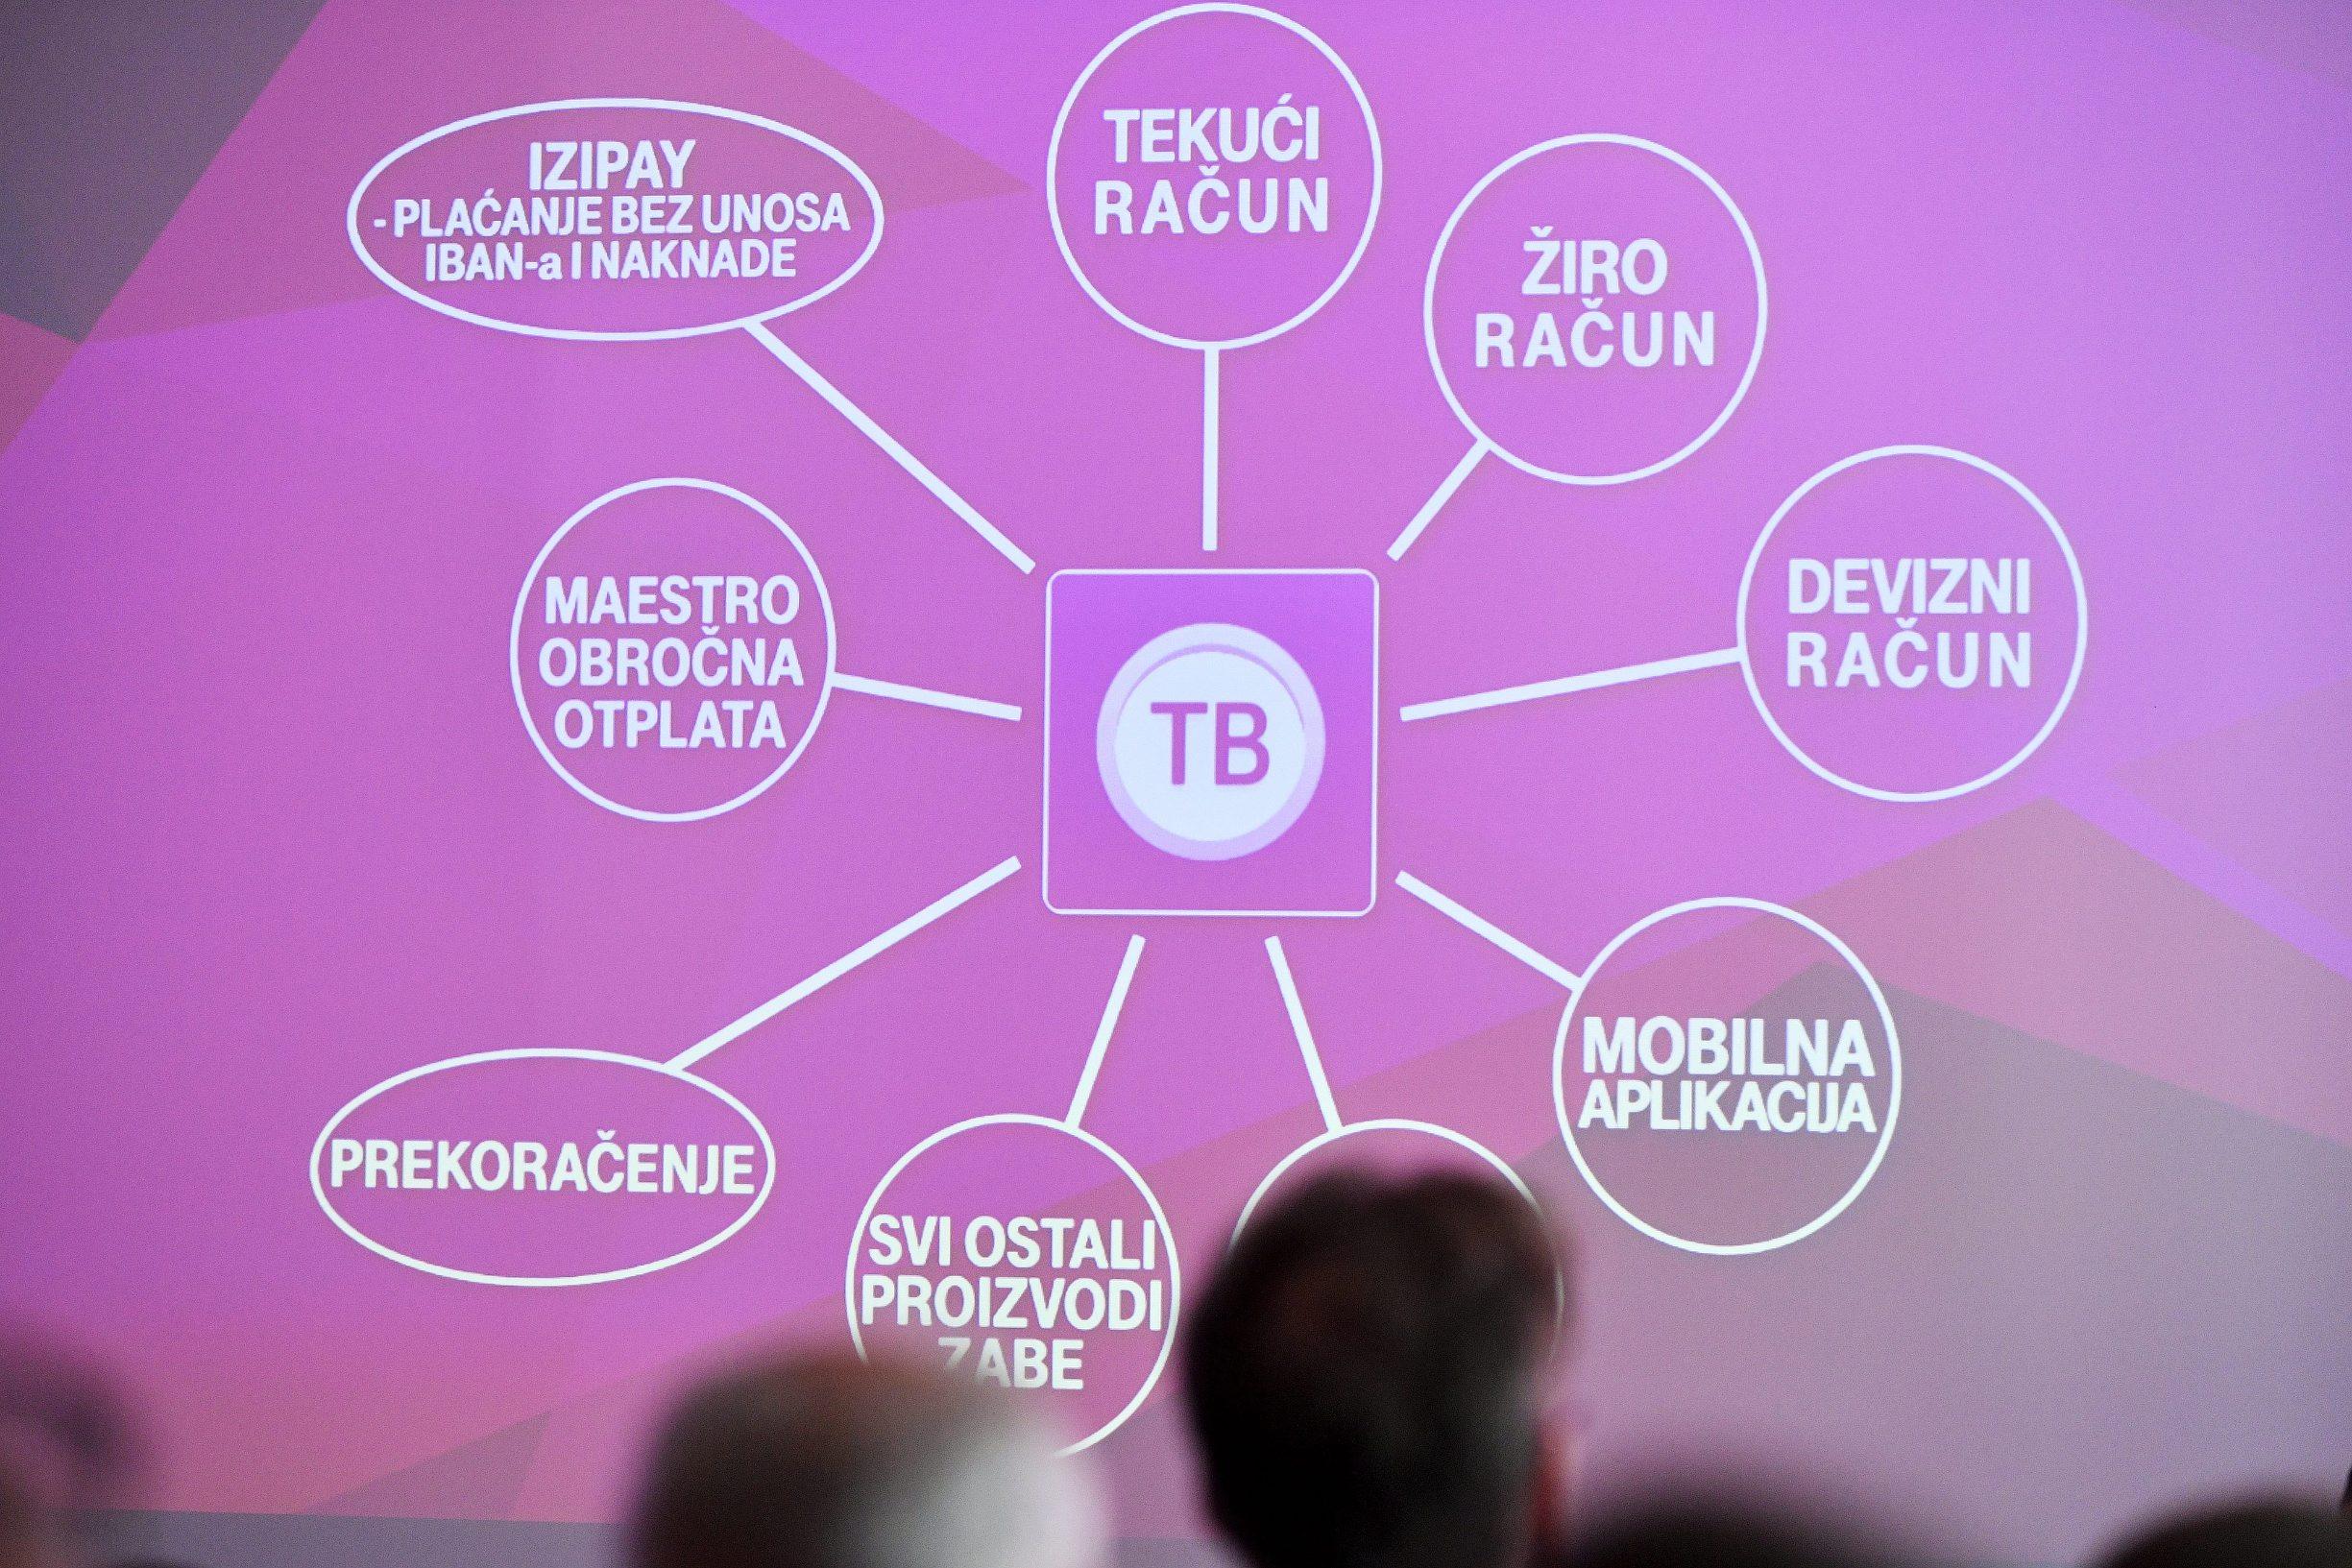 Zagreb, 280819. Predstavljanje usluge Telekom Bankarstvo koja je osmisljena od strane Hrvatskog Telekoma i Zagrebacke banke, u hotelu Double Tree by Hilton. Foto: Boris Kovacev / CROPIX